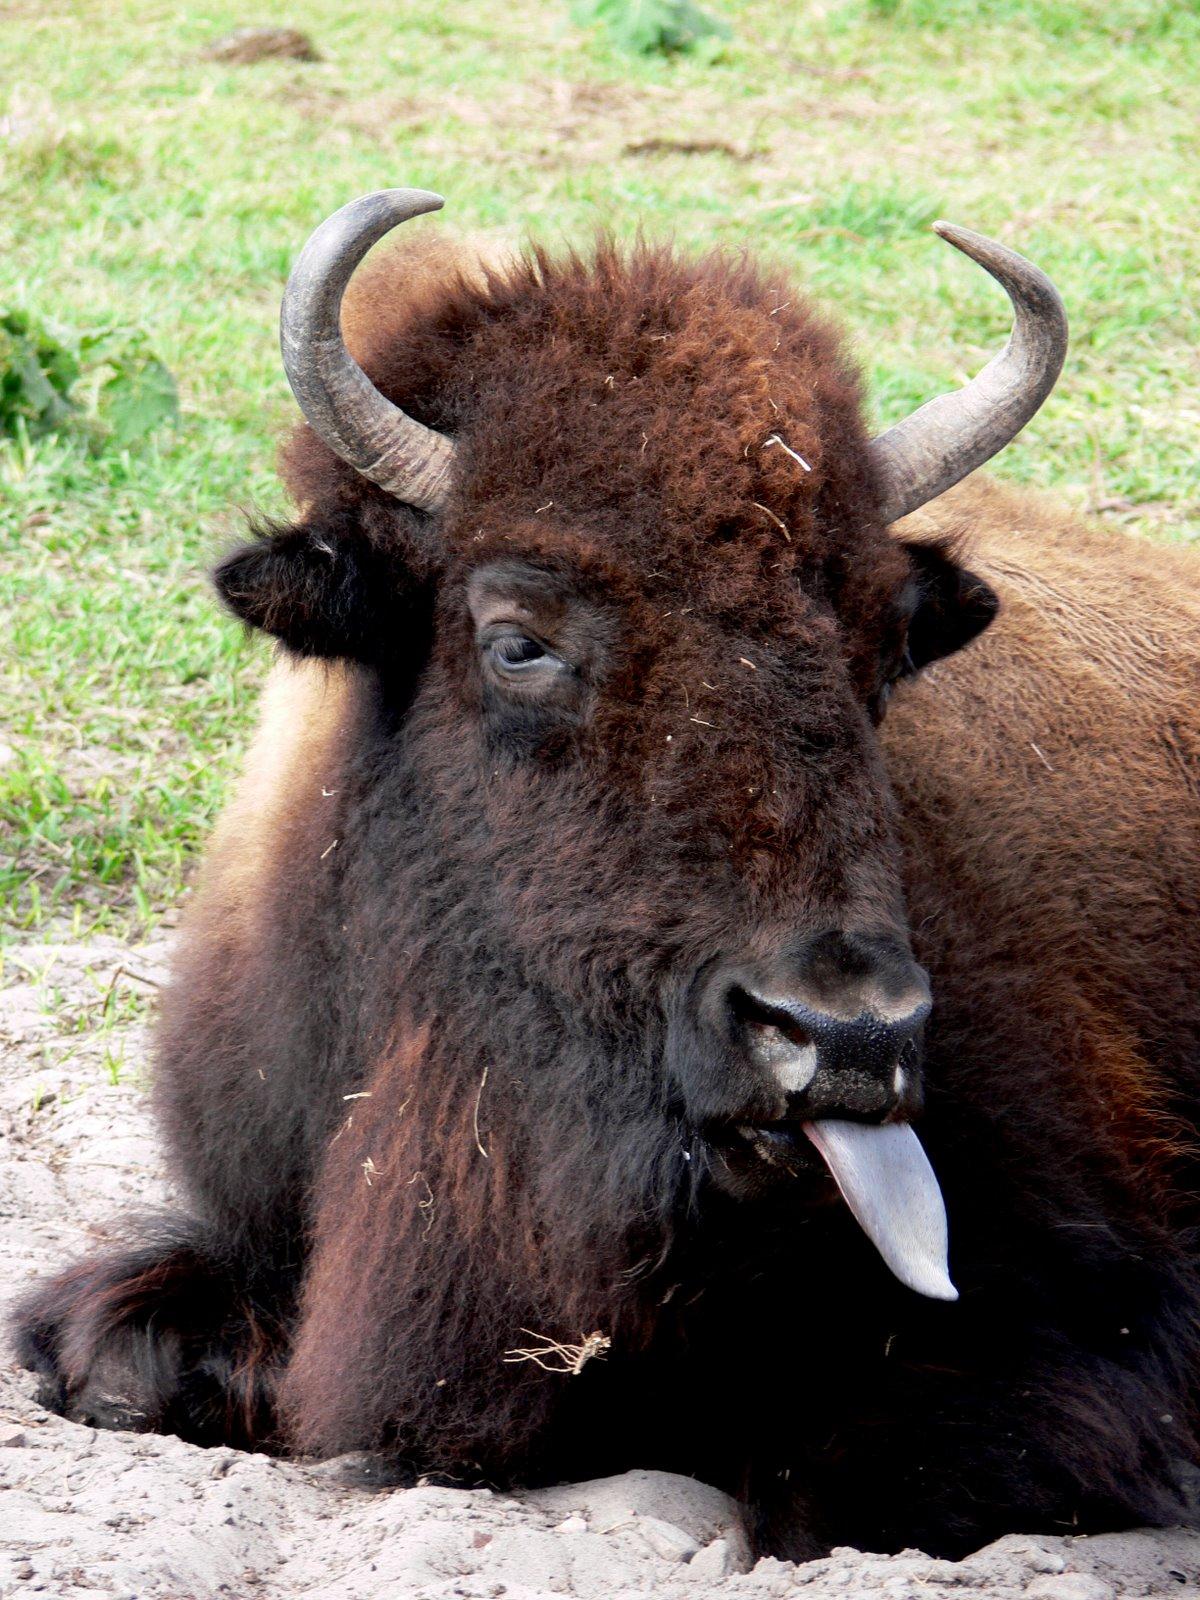 [buffalotongue.jpg]